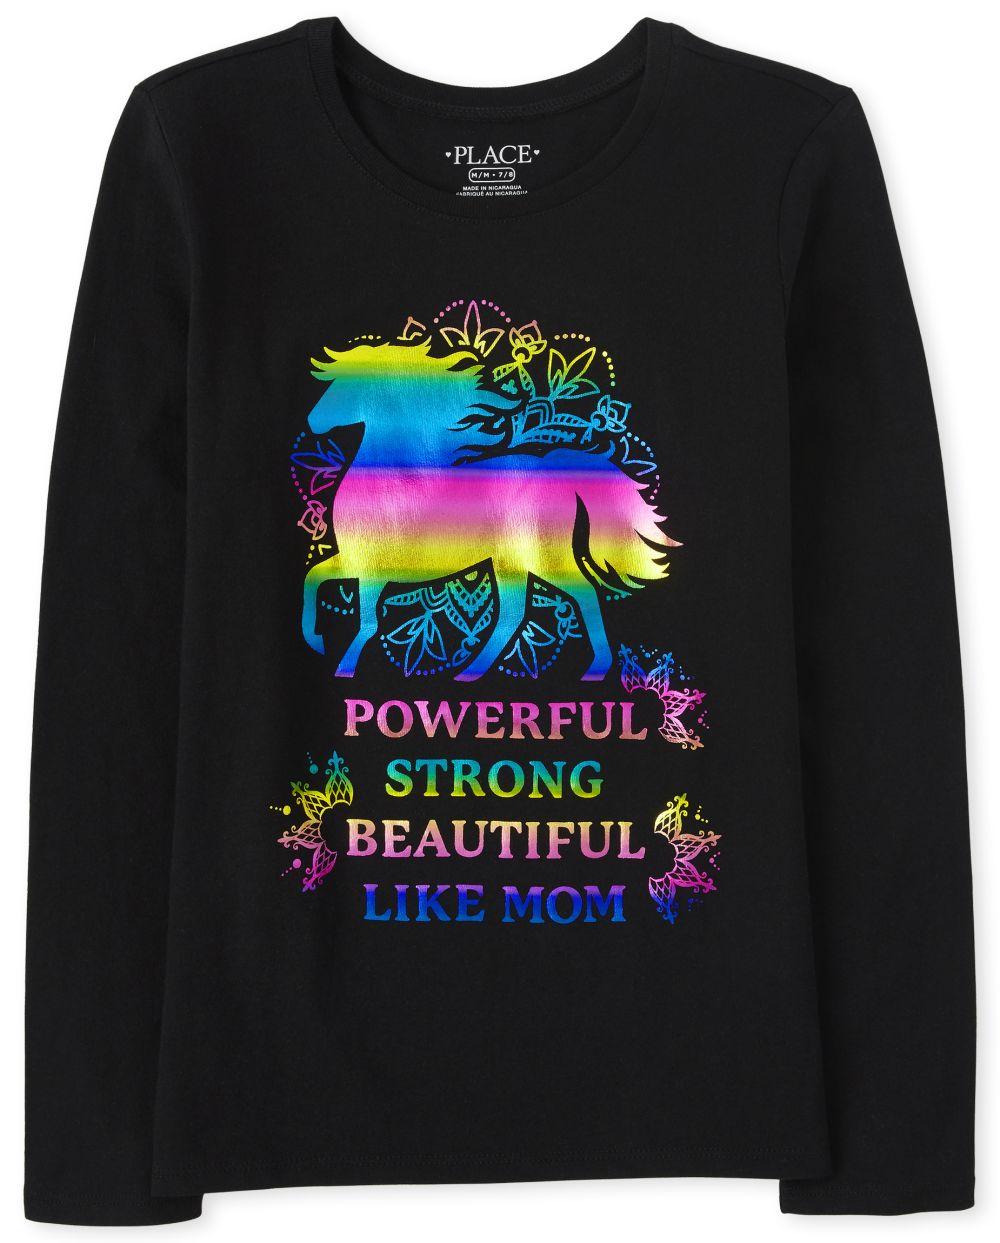 Like Mom Graphic Tee - Black T-Shirt